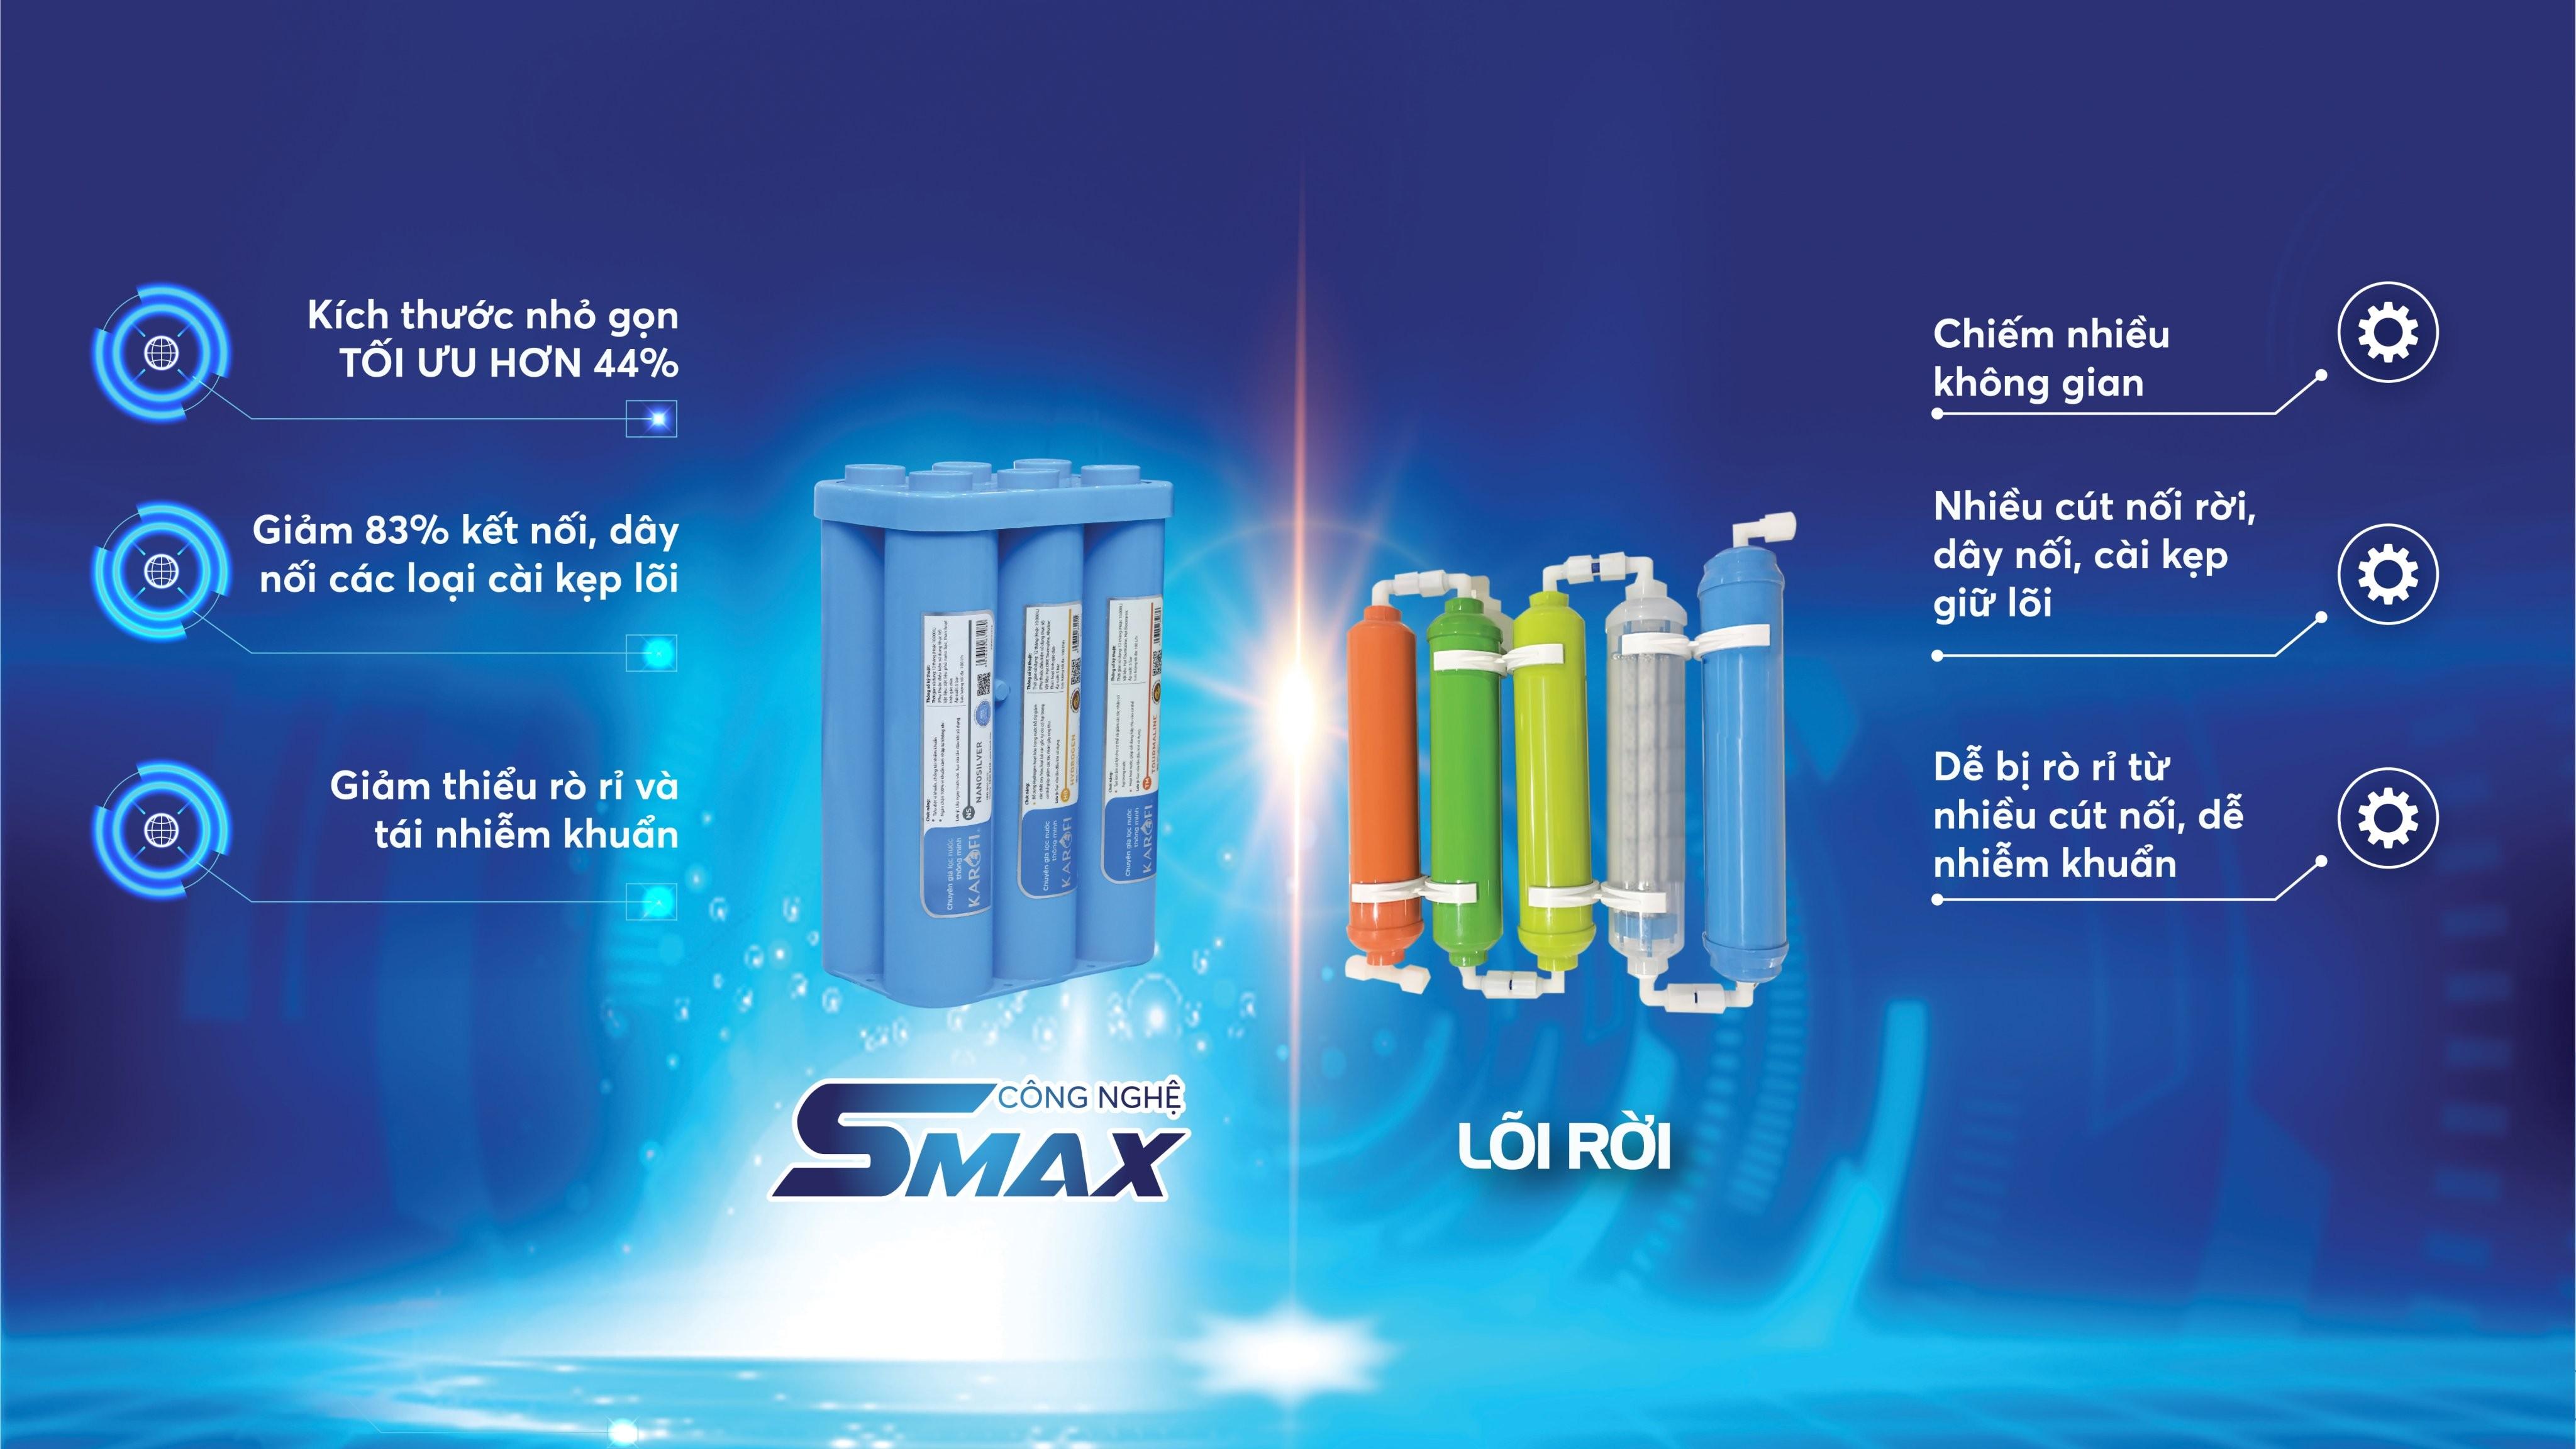 Bộ lõi Smax hiệu suất cao HP 6.2 - Hàng chính hãng